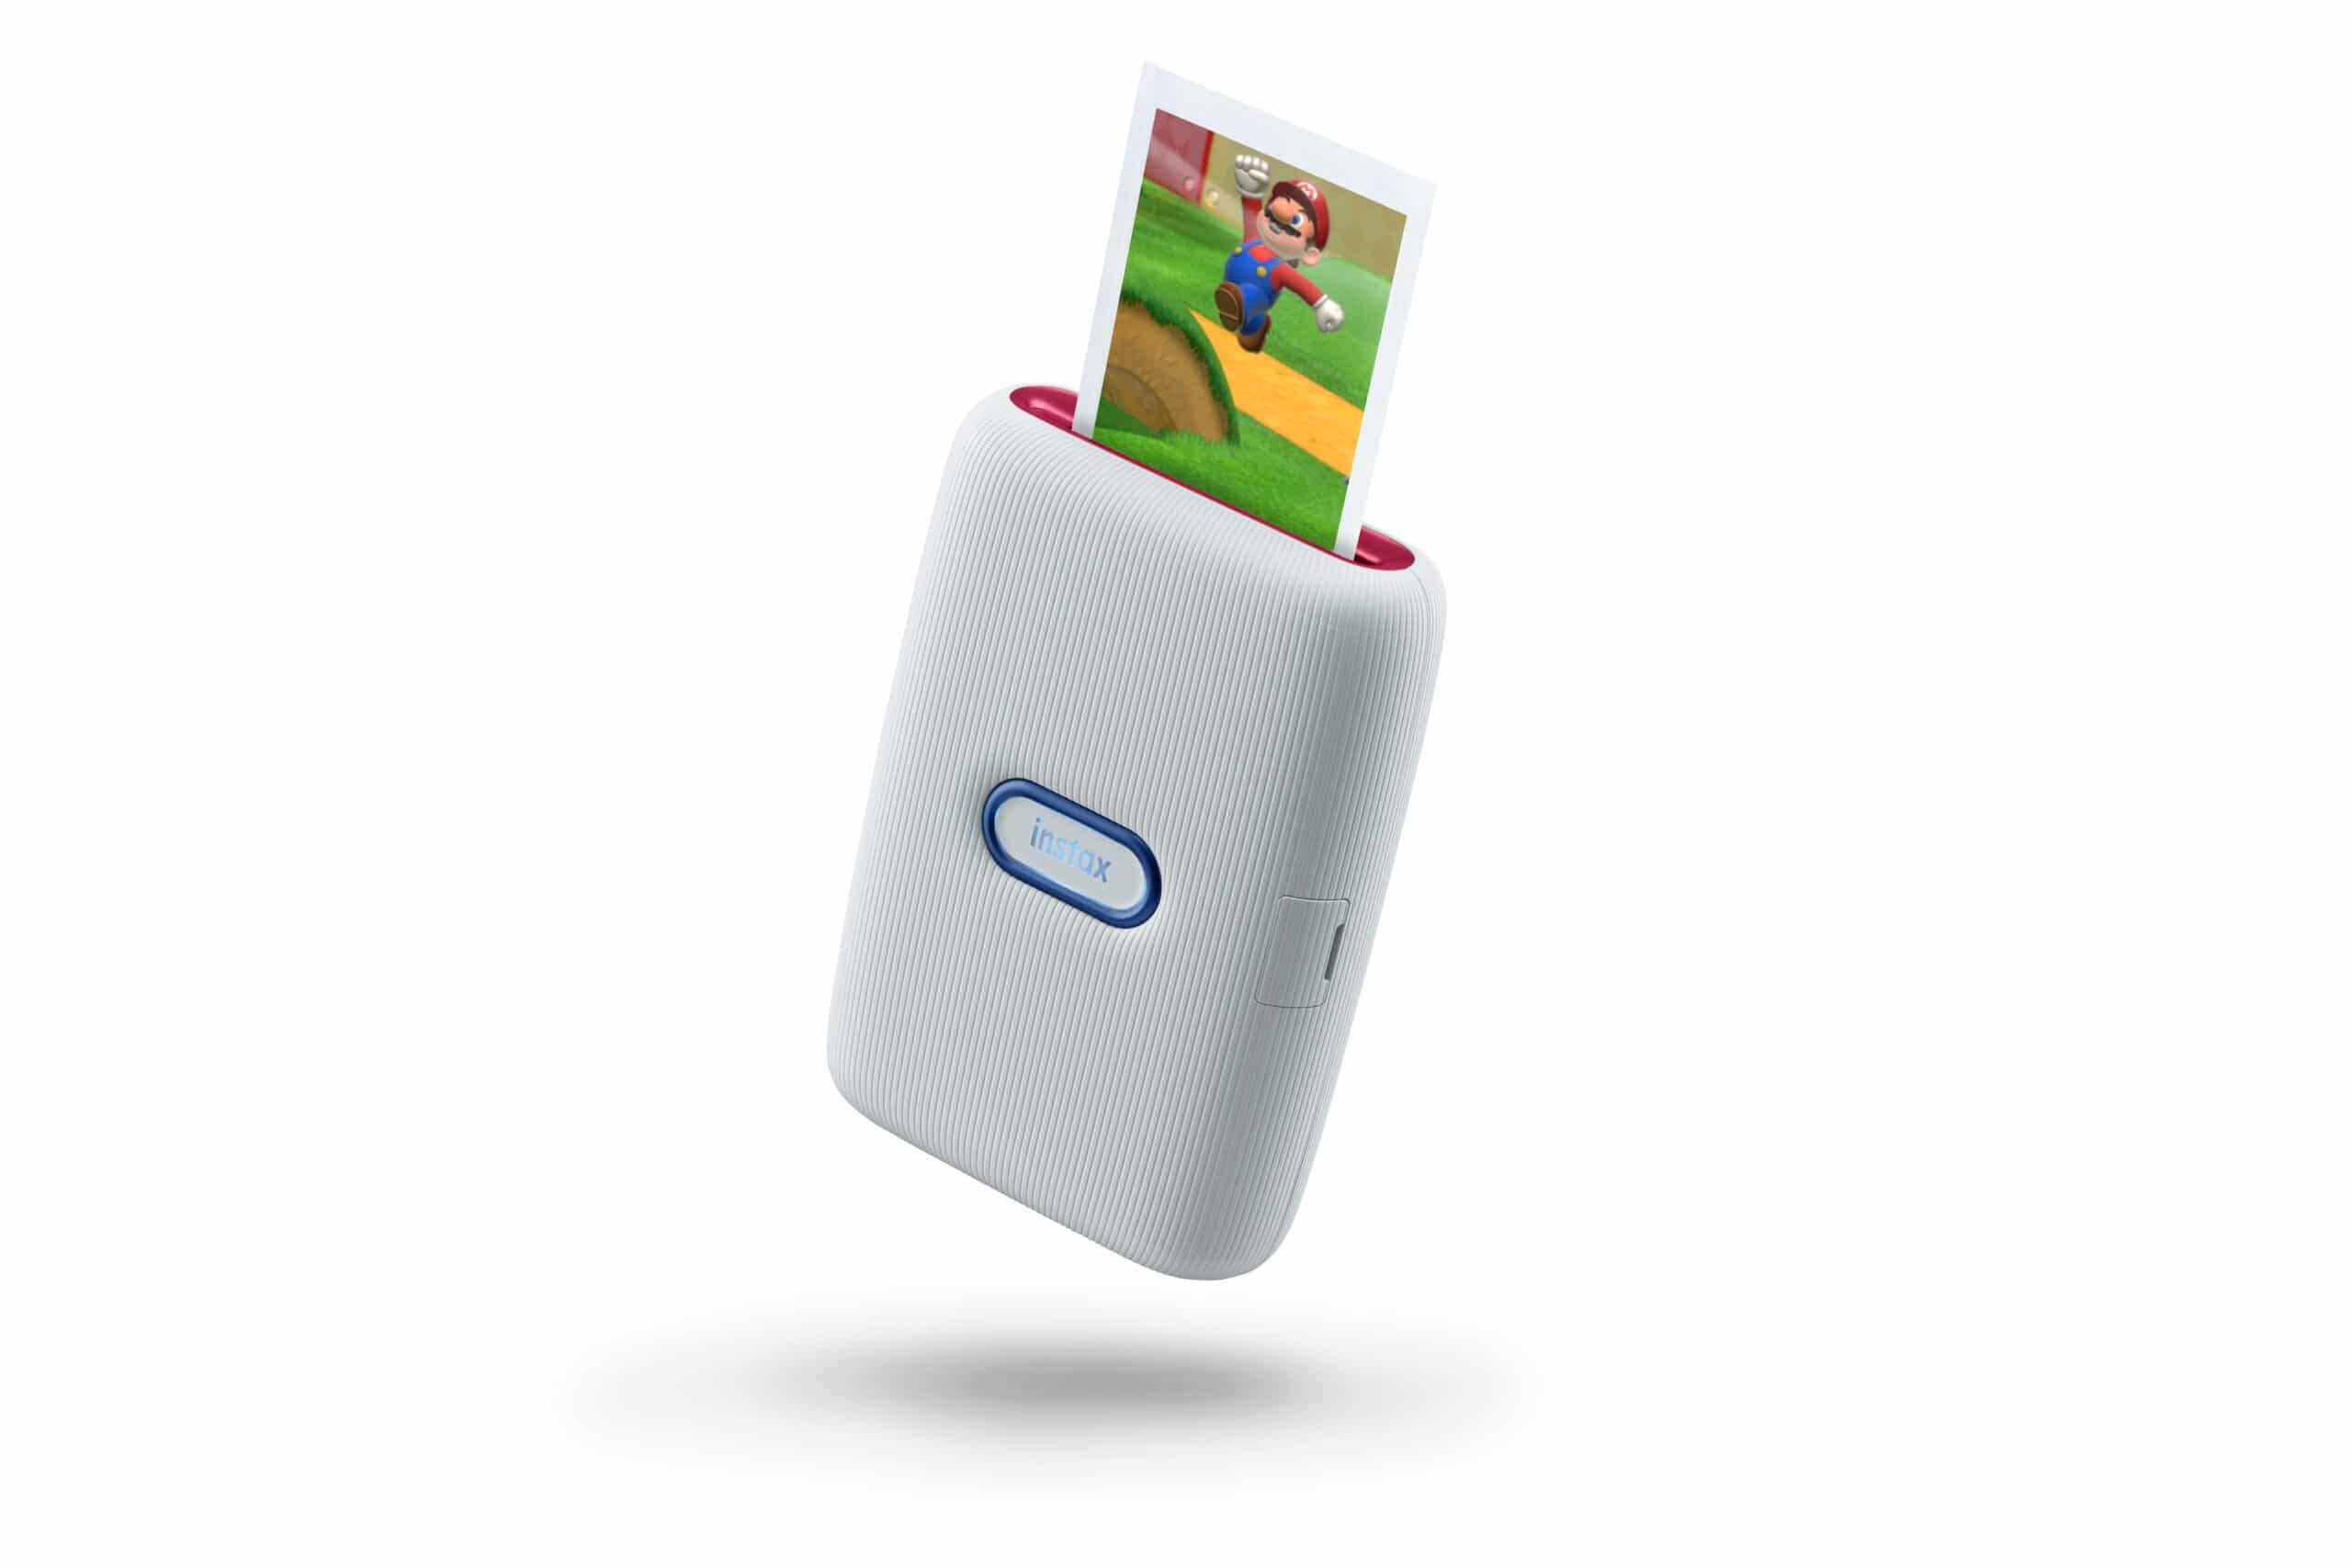 Stampante Fujifilm instax Mini Link compatibile con Nintendo Switch thumbnail